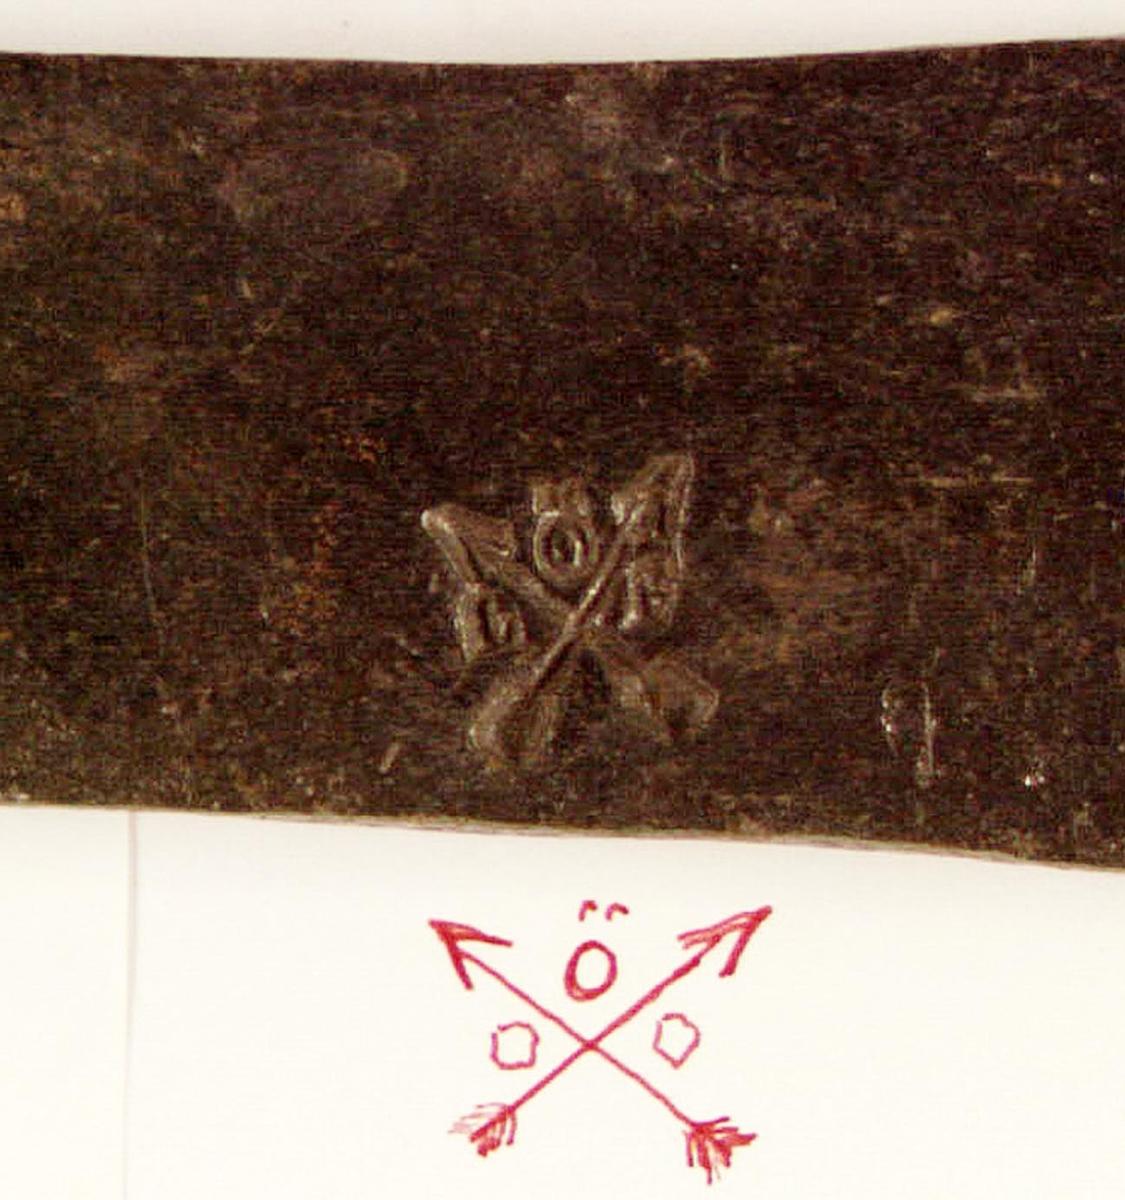 Bit av stångjärn från Lindesnäs hammarsmedja i Nås, Dalarna. Försedd med stämpel i form av korslagda pilar med ett Ö i övre korset. Försedd med litet utstansat och fyrkantigt hål.